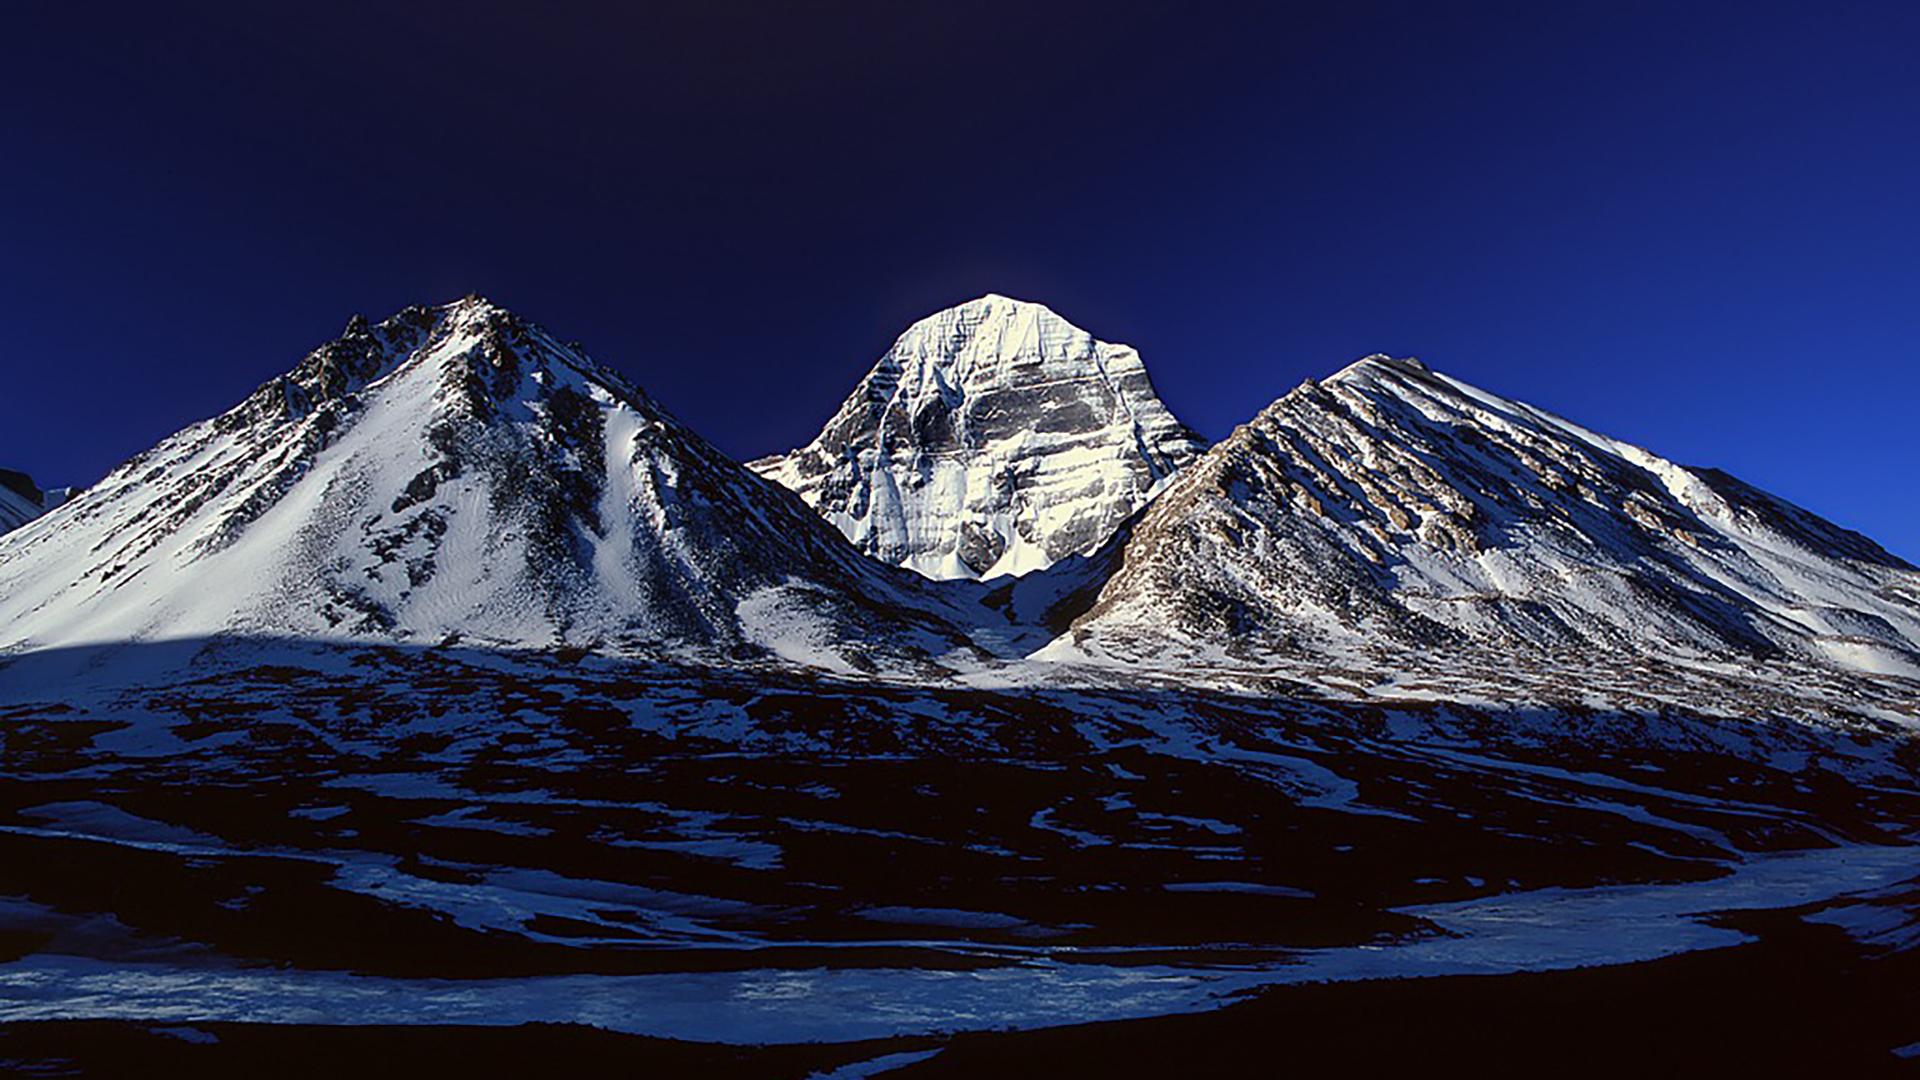 Kora – Umrundung des heiligen Mt. Kailash